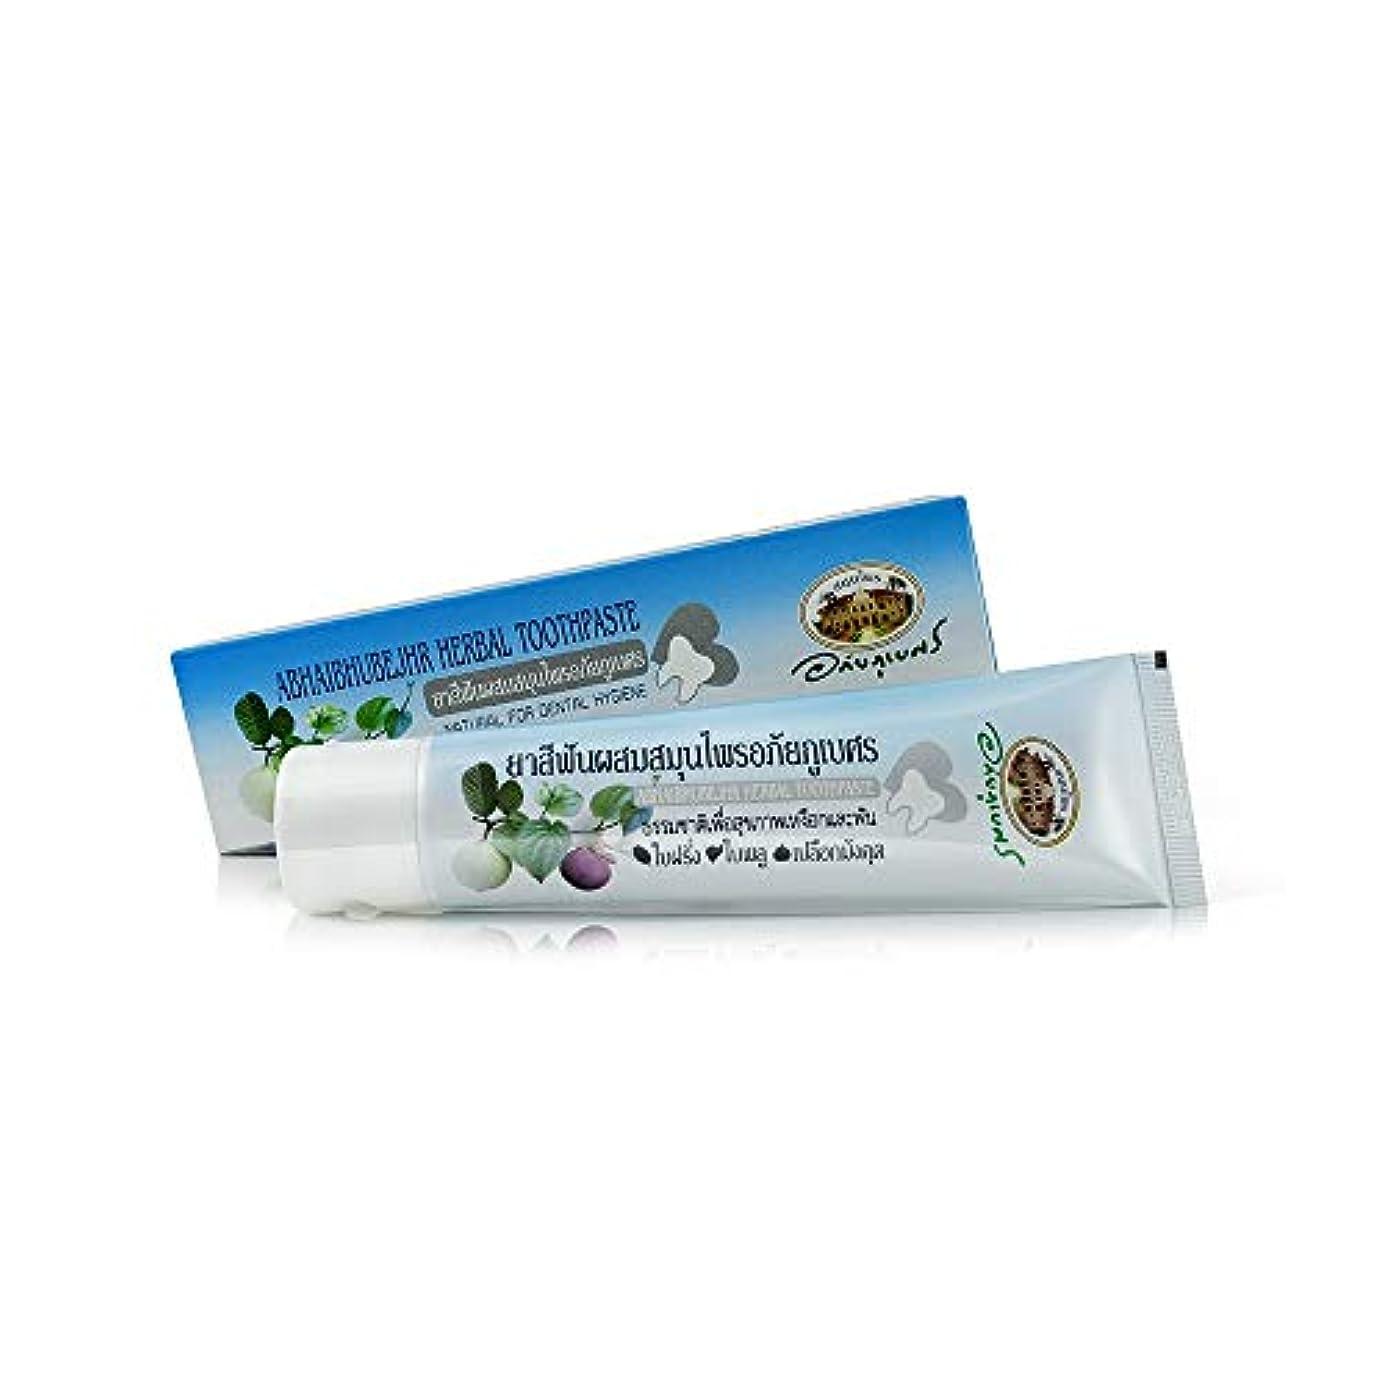 レコーダーとんでもないビリーAbhaibhubejhr Herbal Toothpaste Natural For Dental Hygiene 歯科衛生のためのAbhaibhubejhrハーブ歯磨き粉ナチュラル (70g)